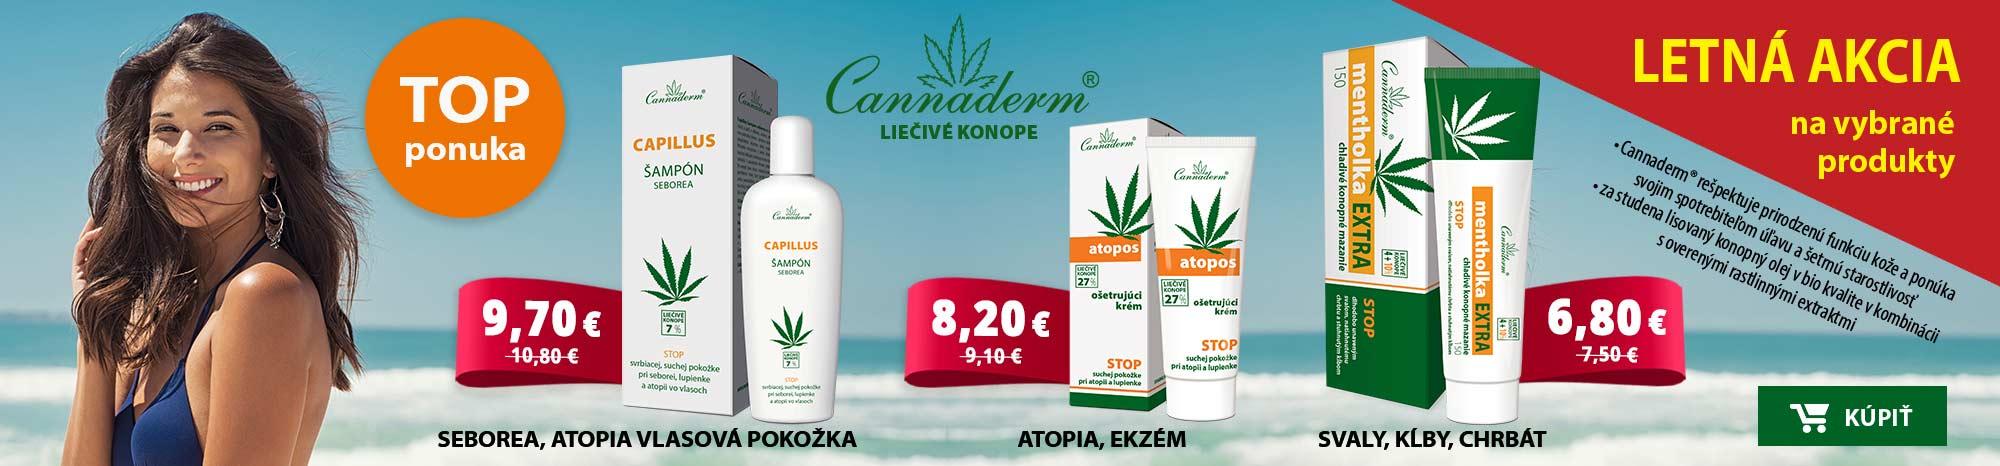 Cannaderm